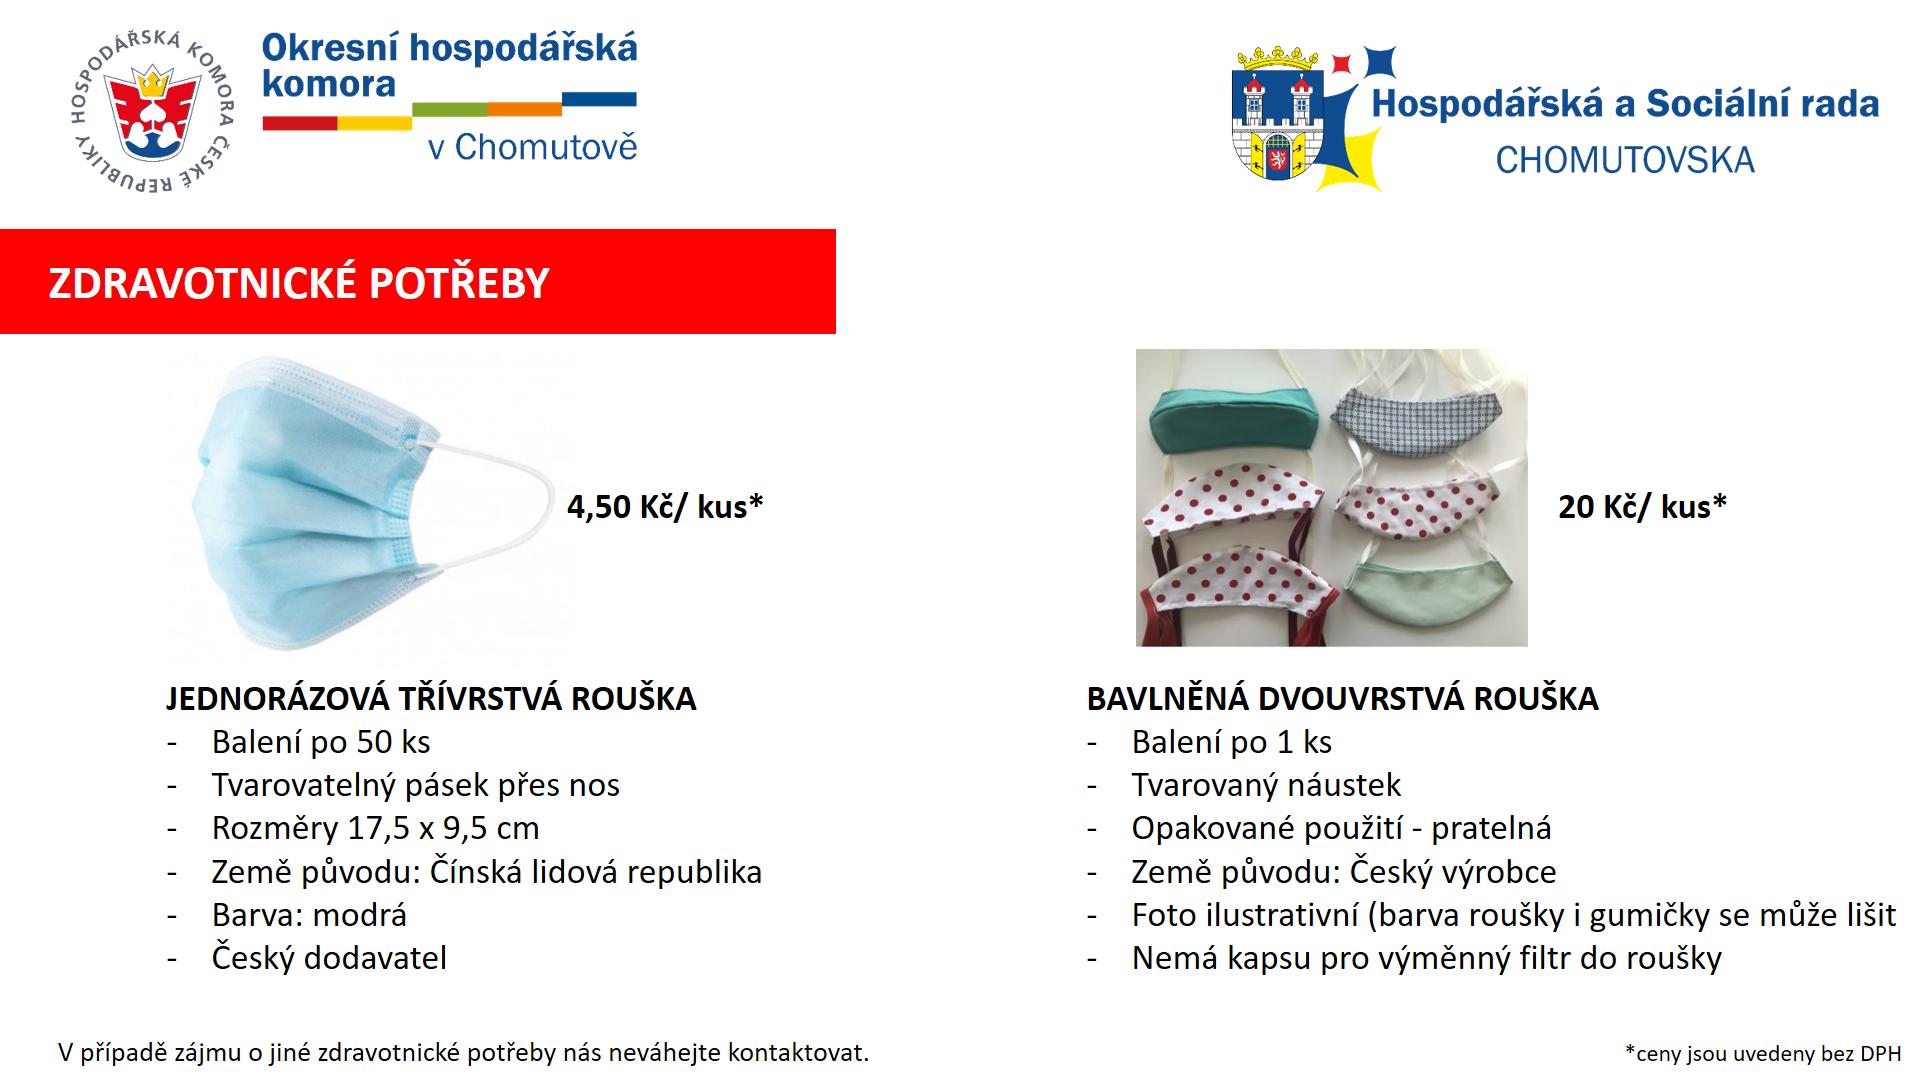 https://www.ohkcv.cz/2020/11/13/zdravotnicke-potreby/